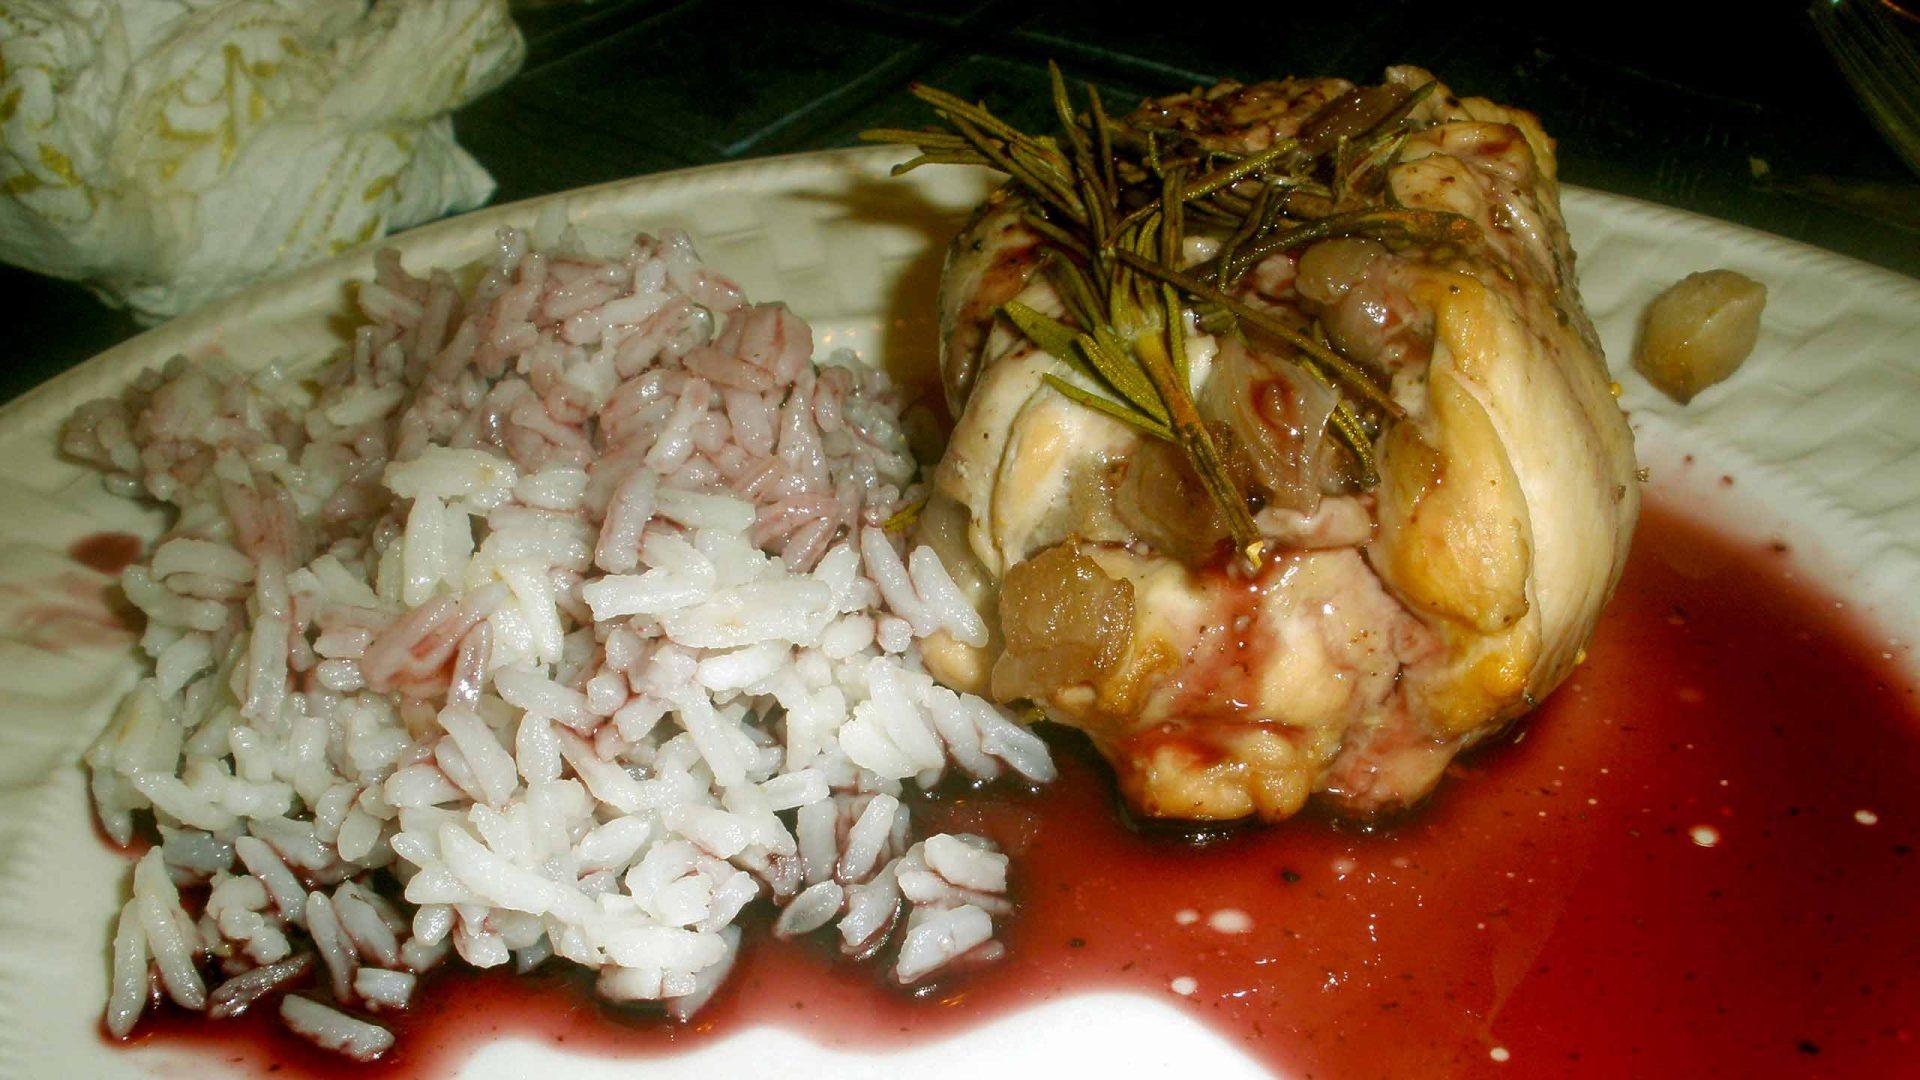 חזה עוף ממולא תפוחים ותאנים ברוטב אדום